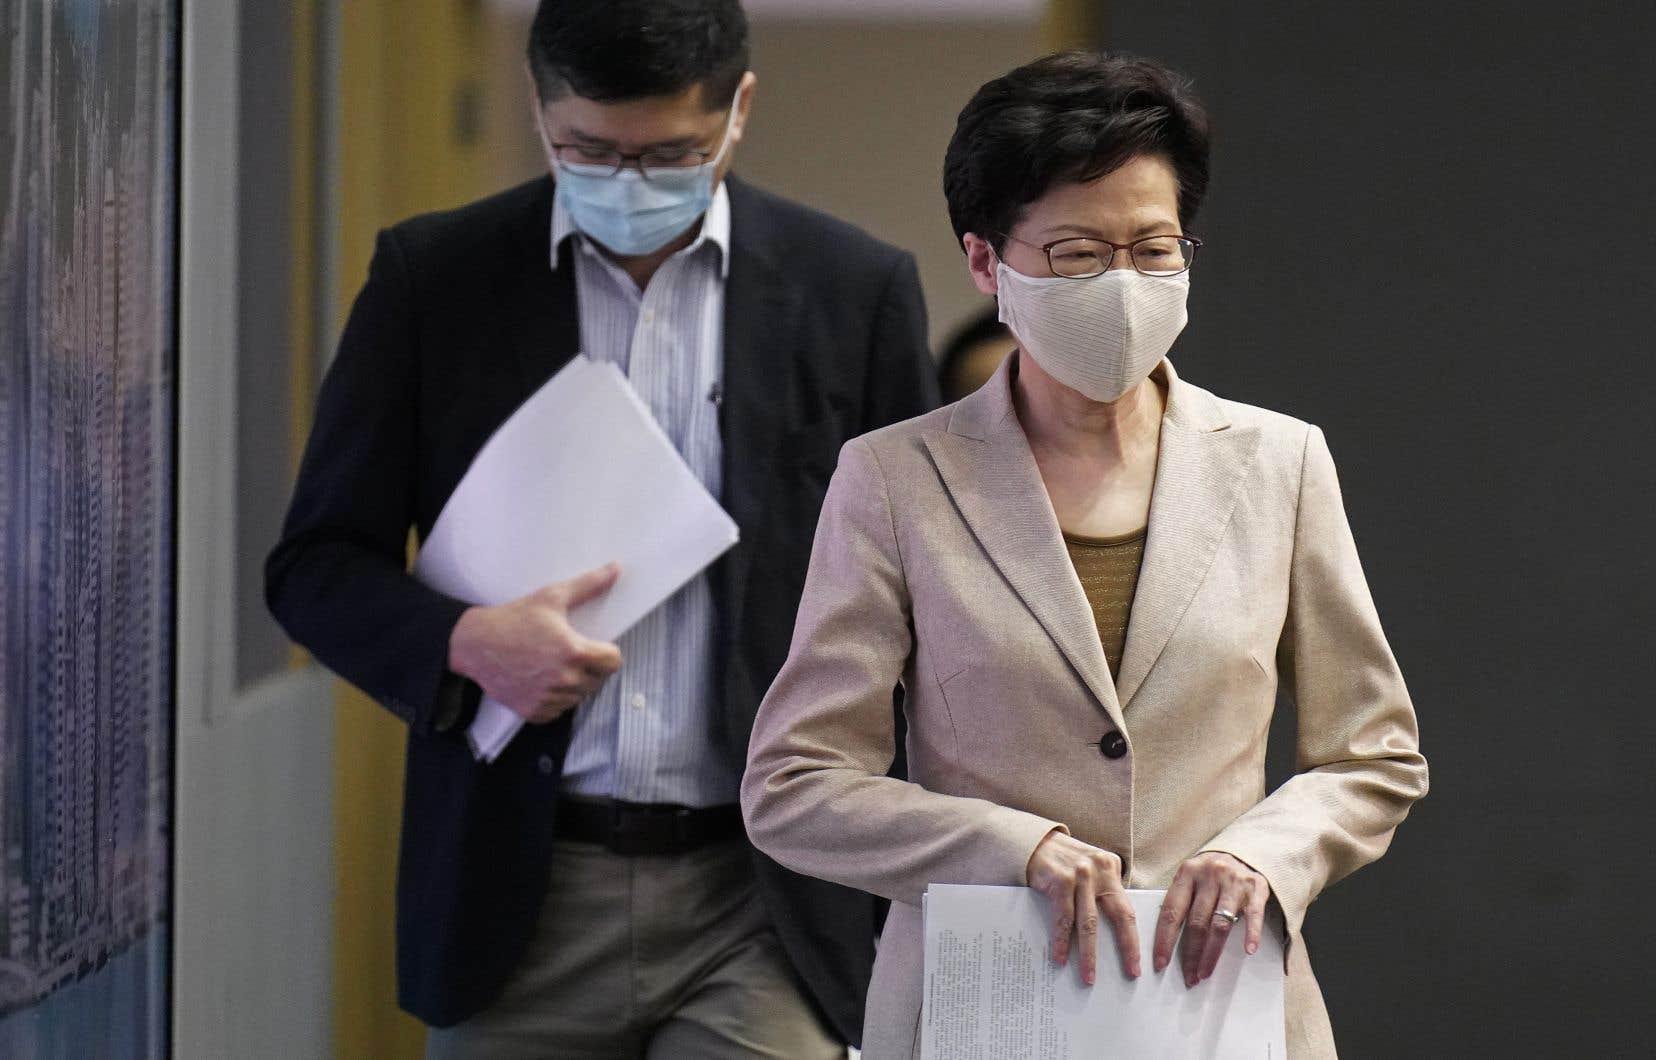 «Je crois que la situation est vraiment critique et rien ne permet de penser qu'elle soit en train d'être maîtrisée», a déclaré dimanche la cheffe de l'exécutif hongkongais, Carrie Lam.